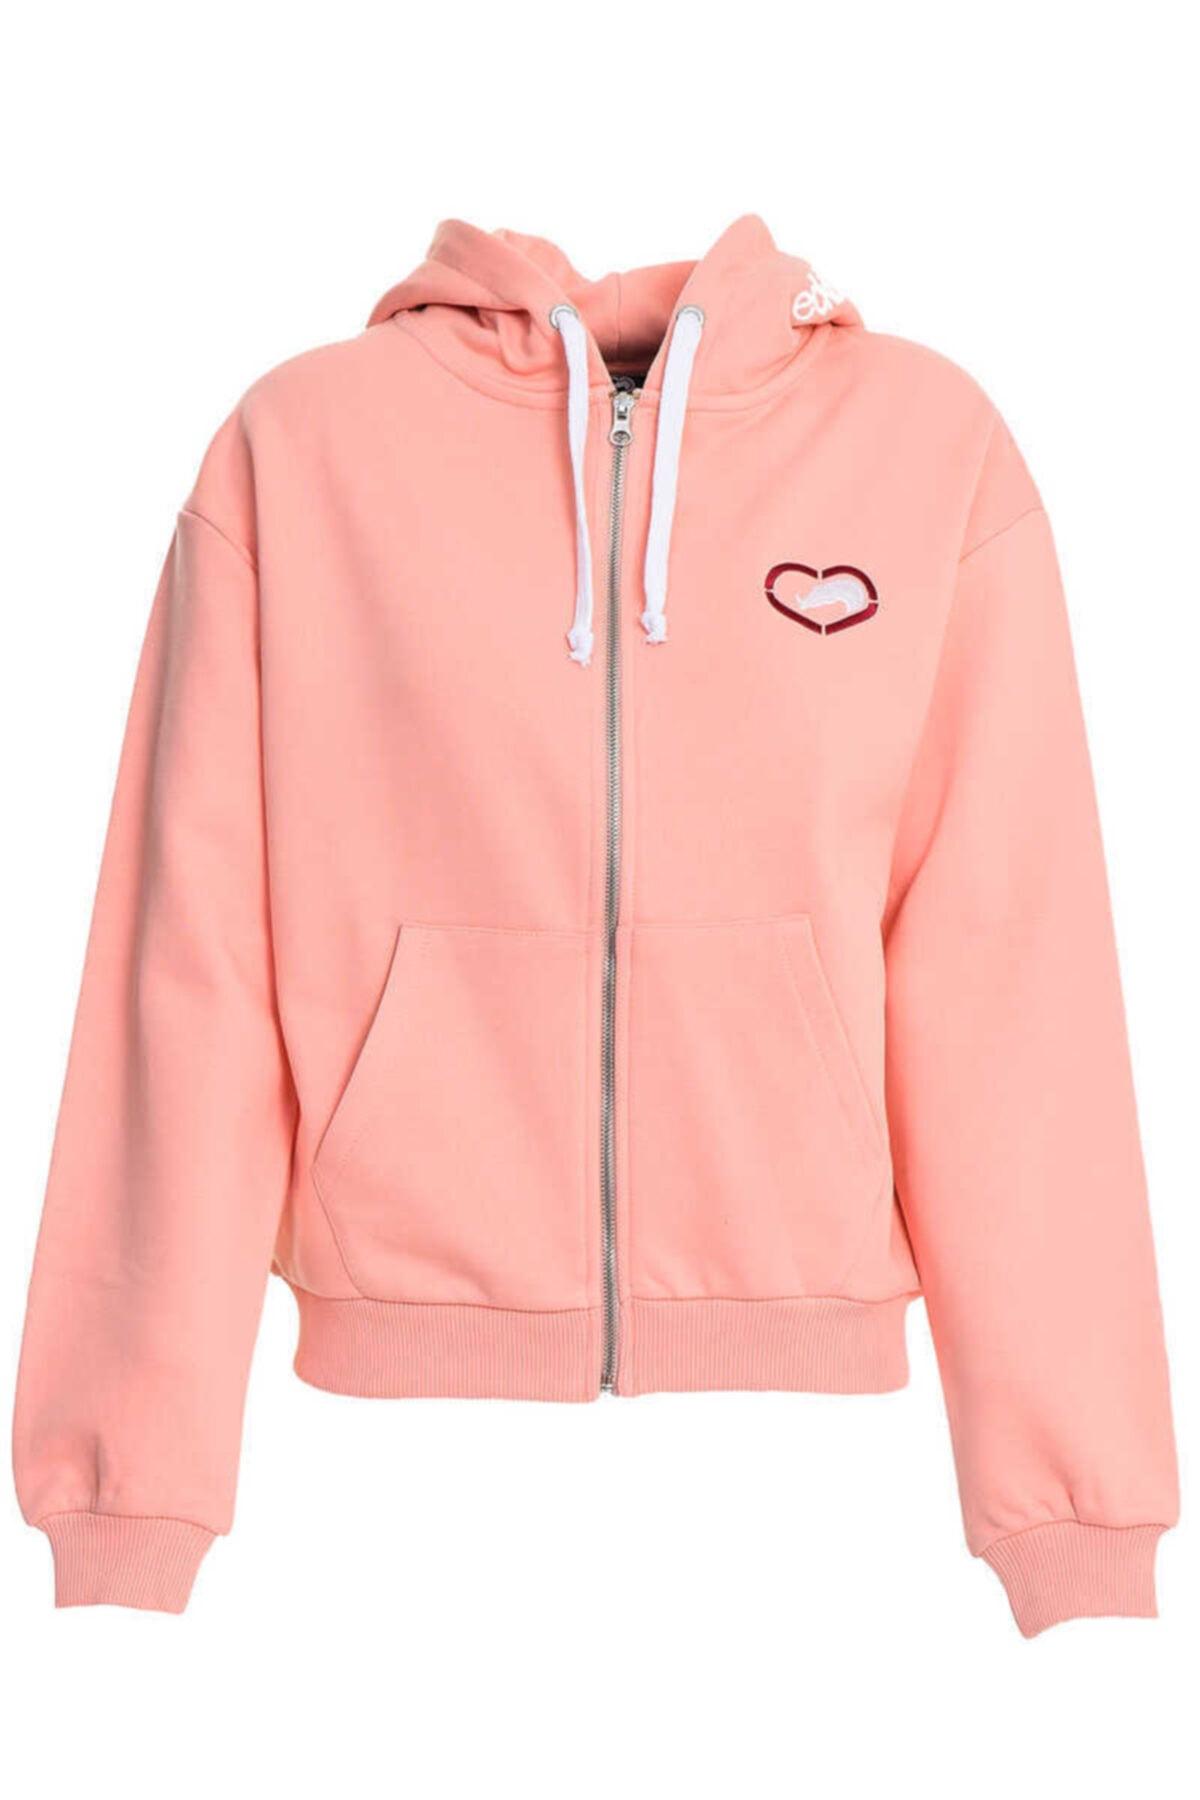 ECKO UNLTD Fermuarlı Sweatshirt 1